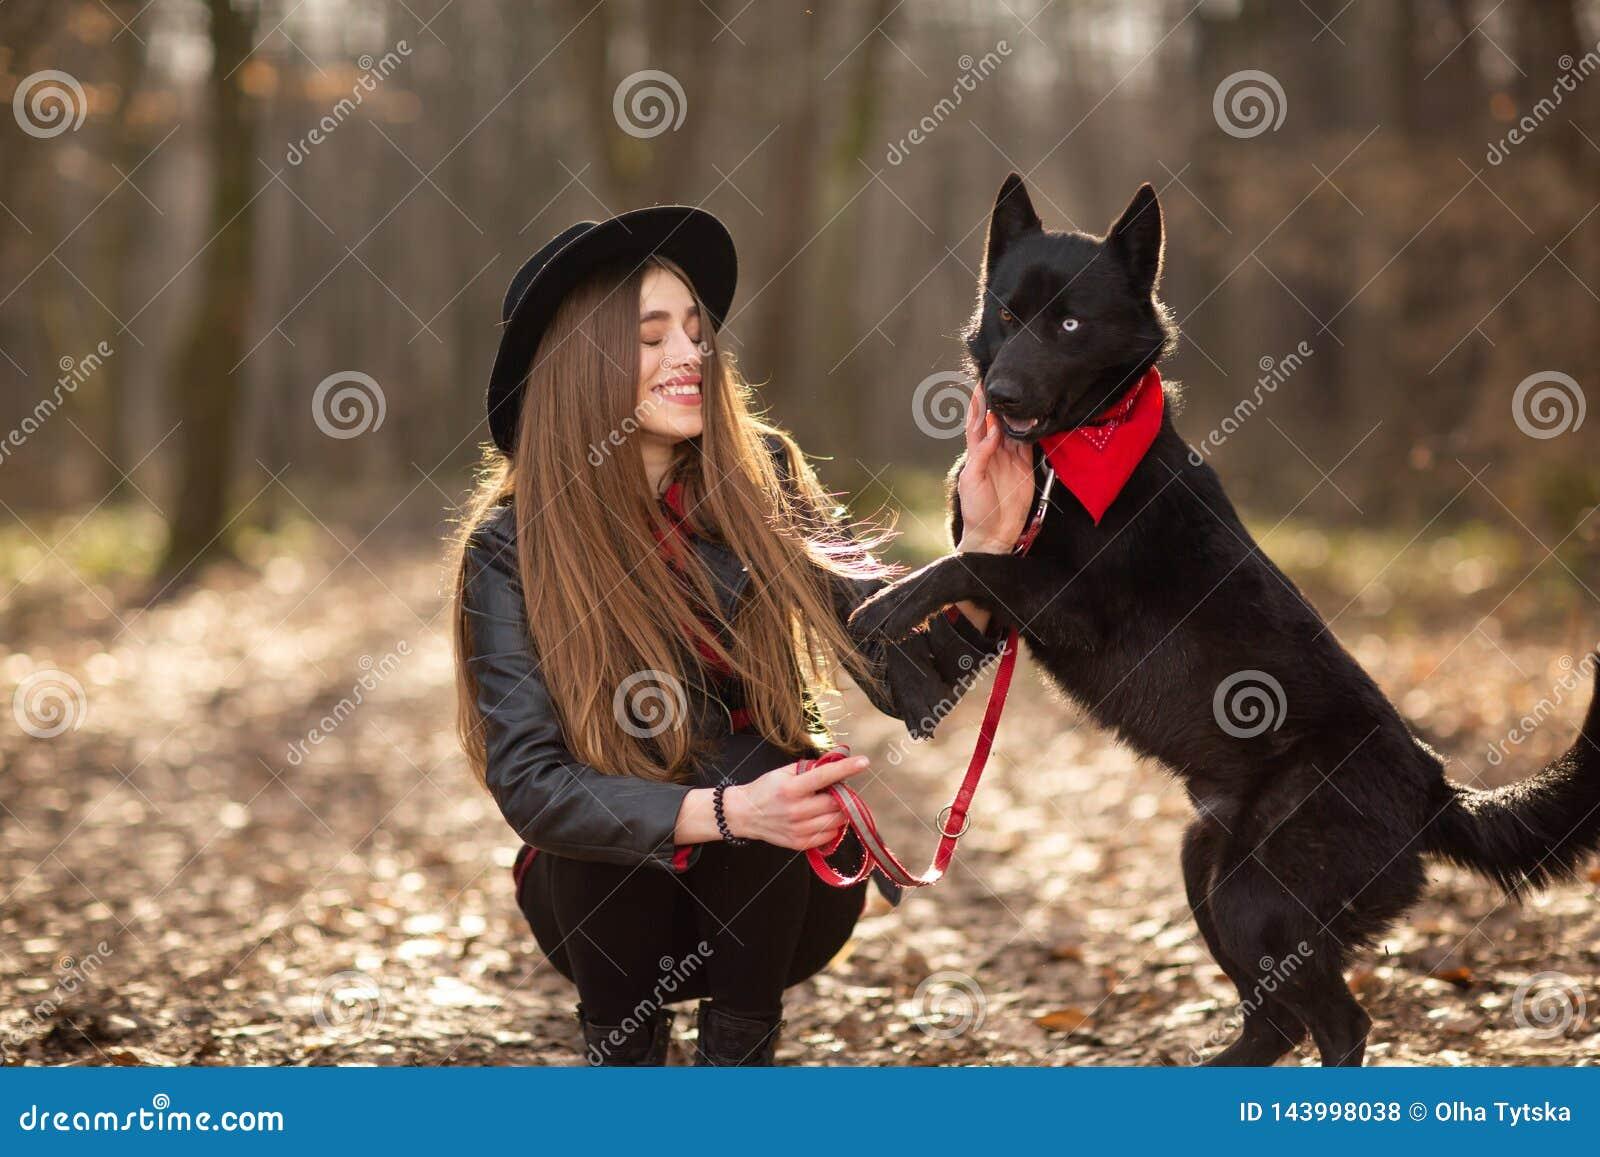 Mooie vrouw die haar hond in openlucht strijken Mooi meisje die en pret met haar huisdier spelen hebben door naam Brovko Vivchar